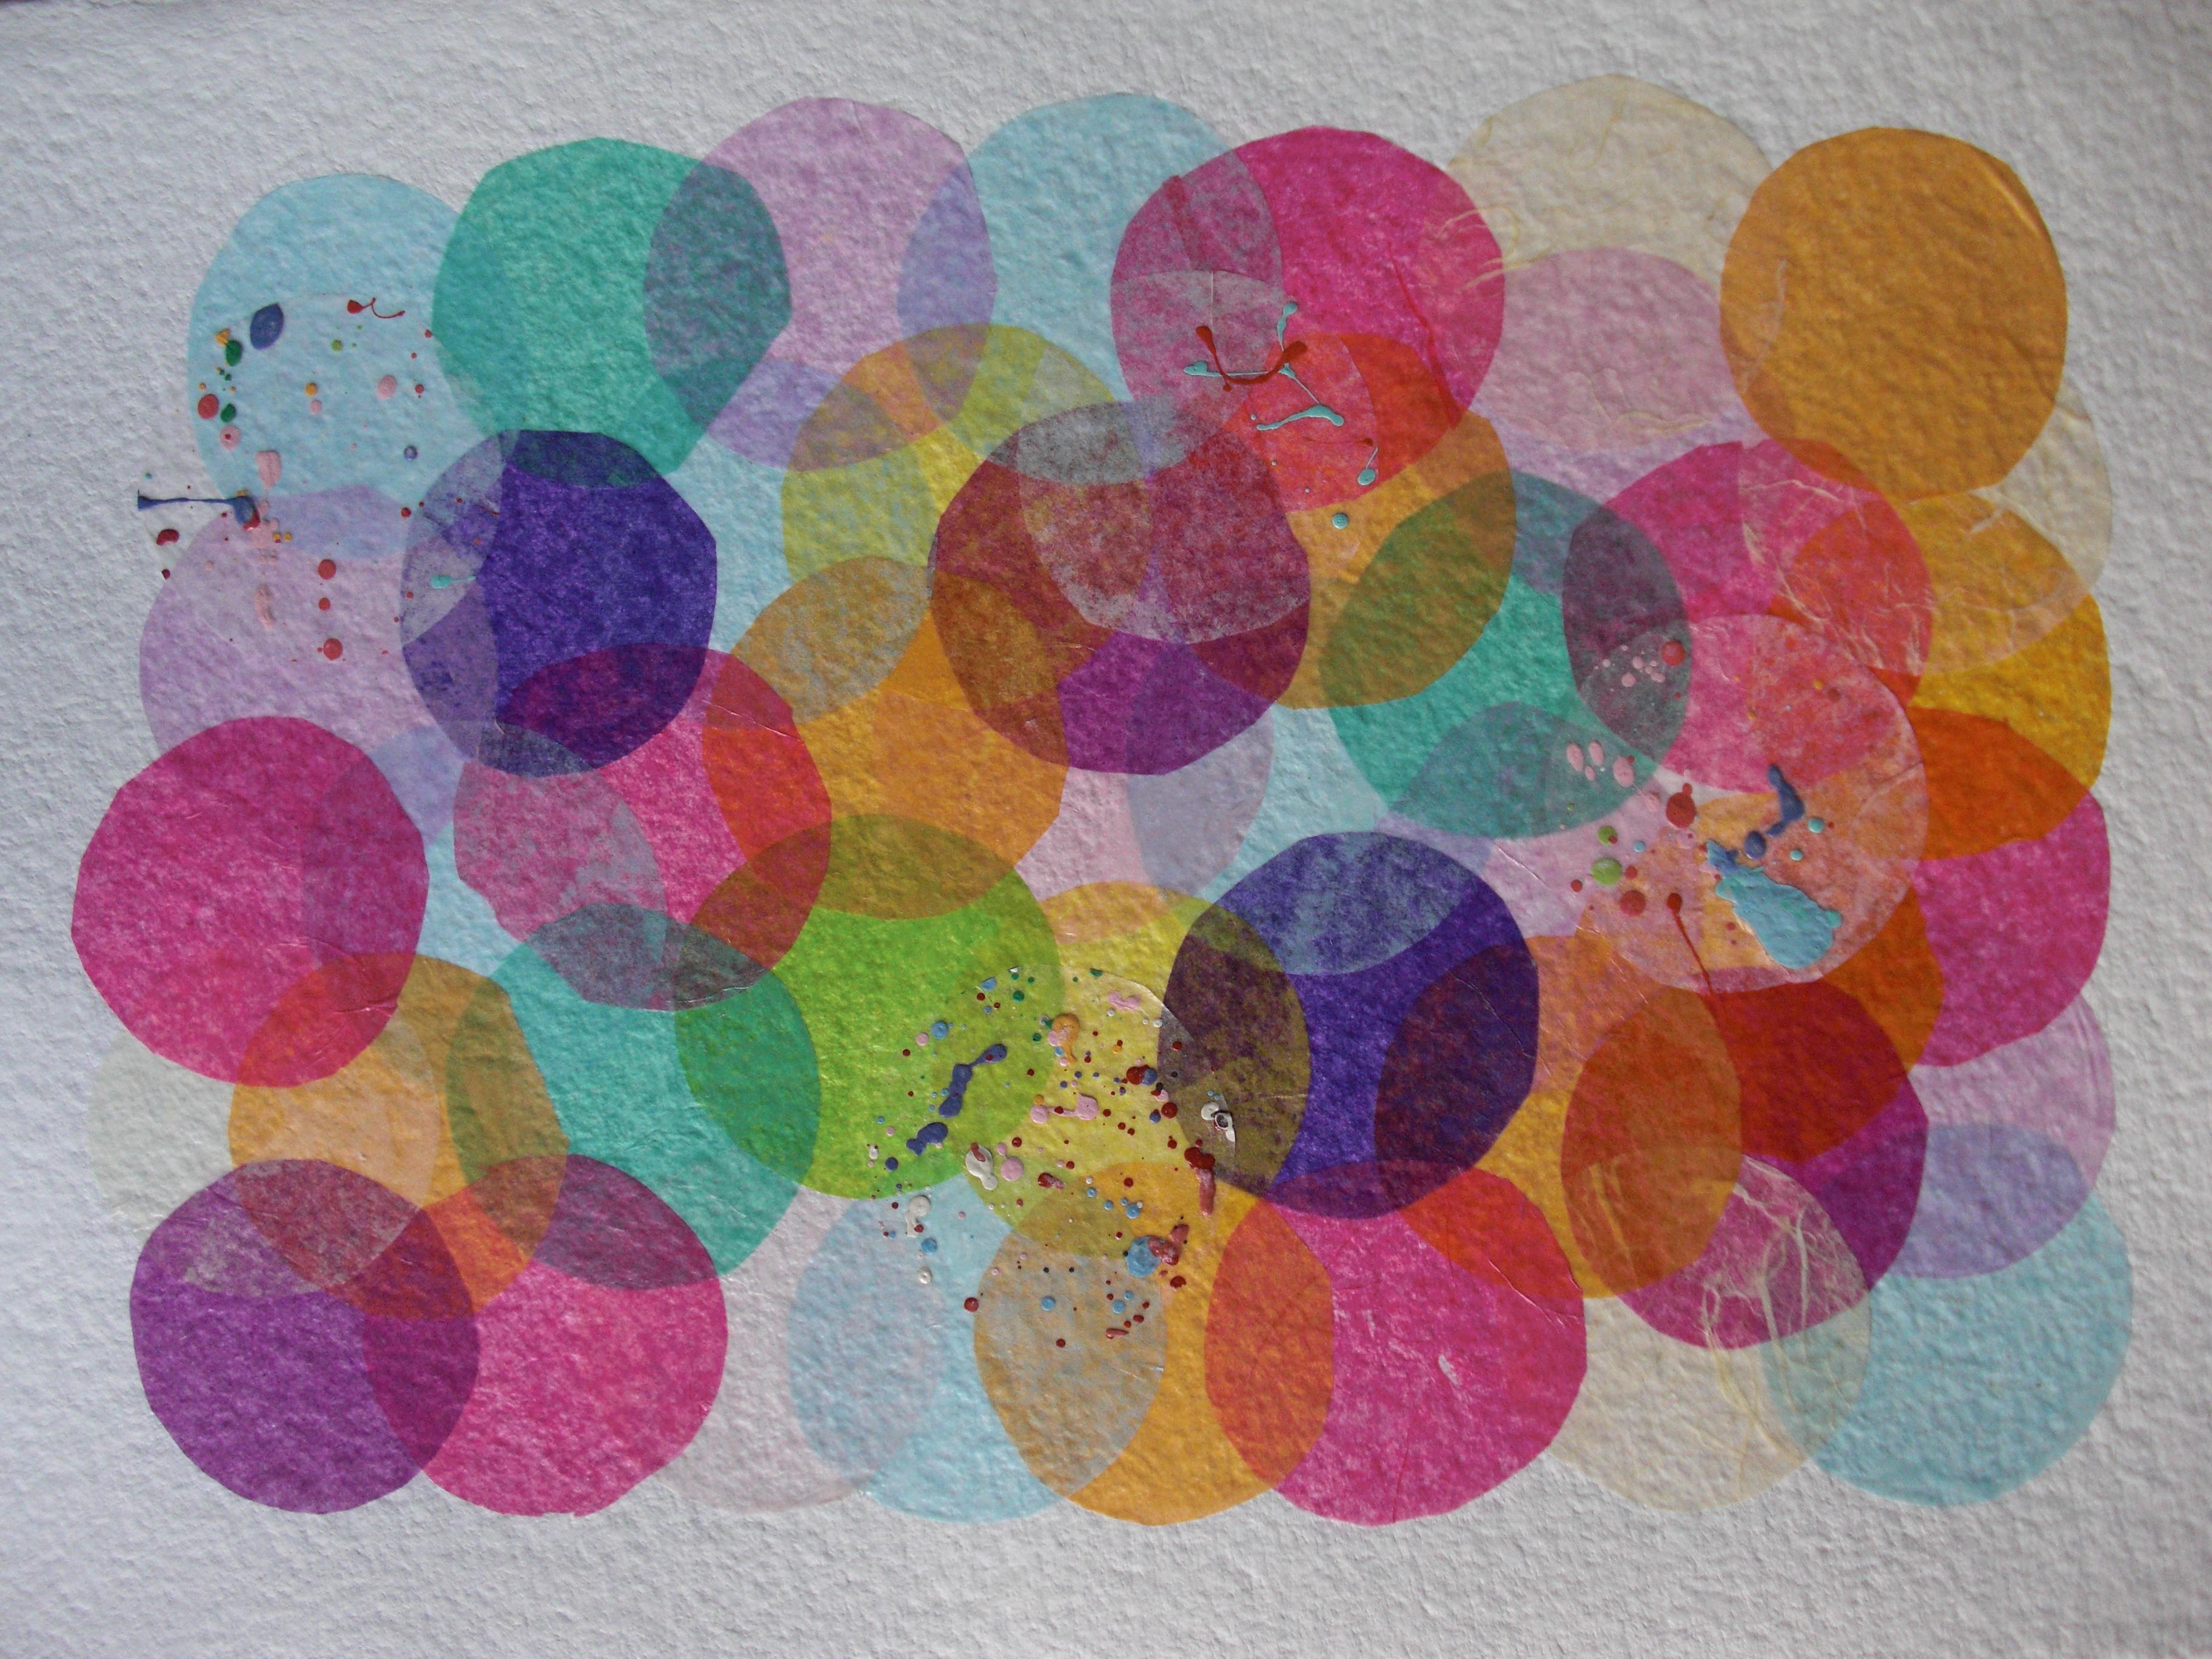 pastilles papier collage papier de soie sur papier aquarelle 2009 pascalinefontaine. Black Bedroom Furniture Sets. Home Design Ideas